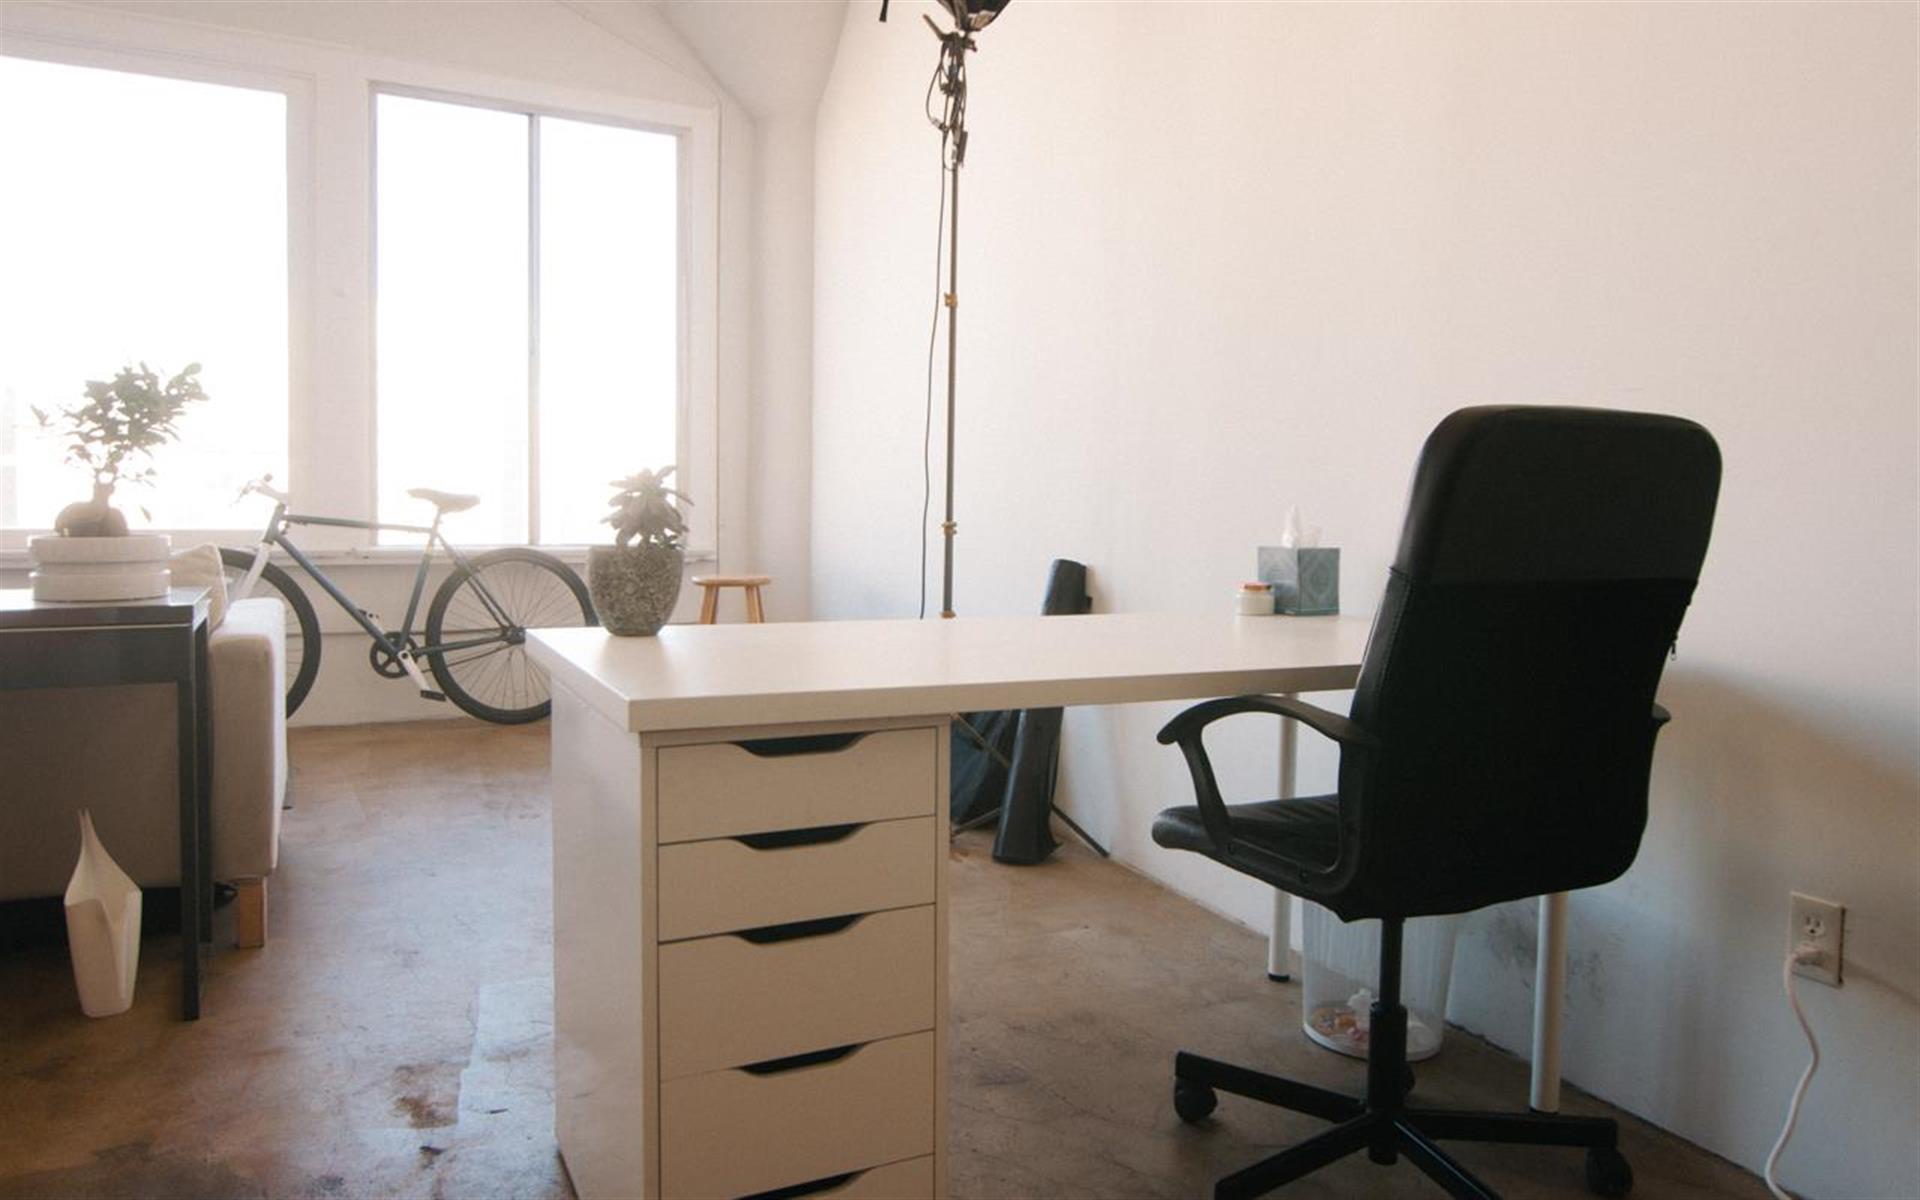 Camp Rimpau Studio - Window Facing Desk